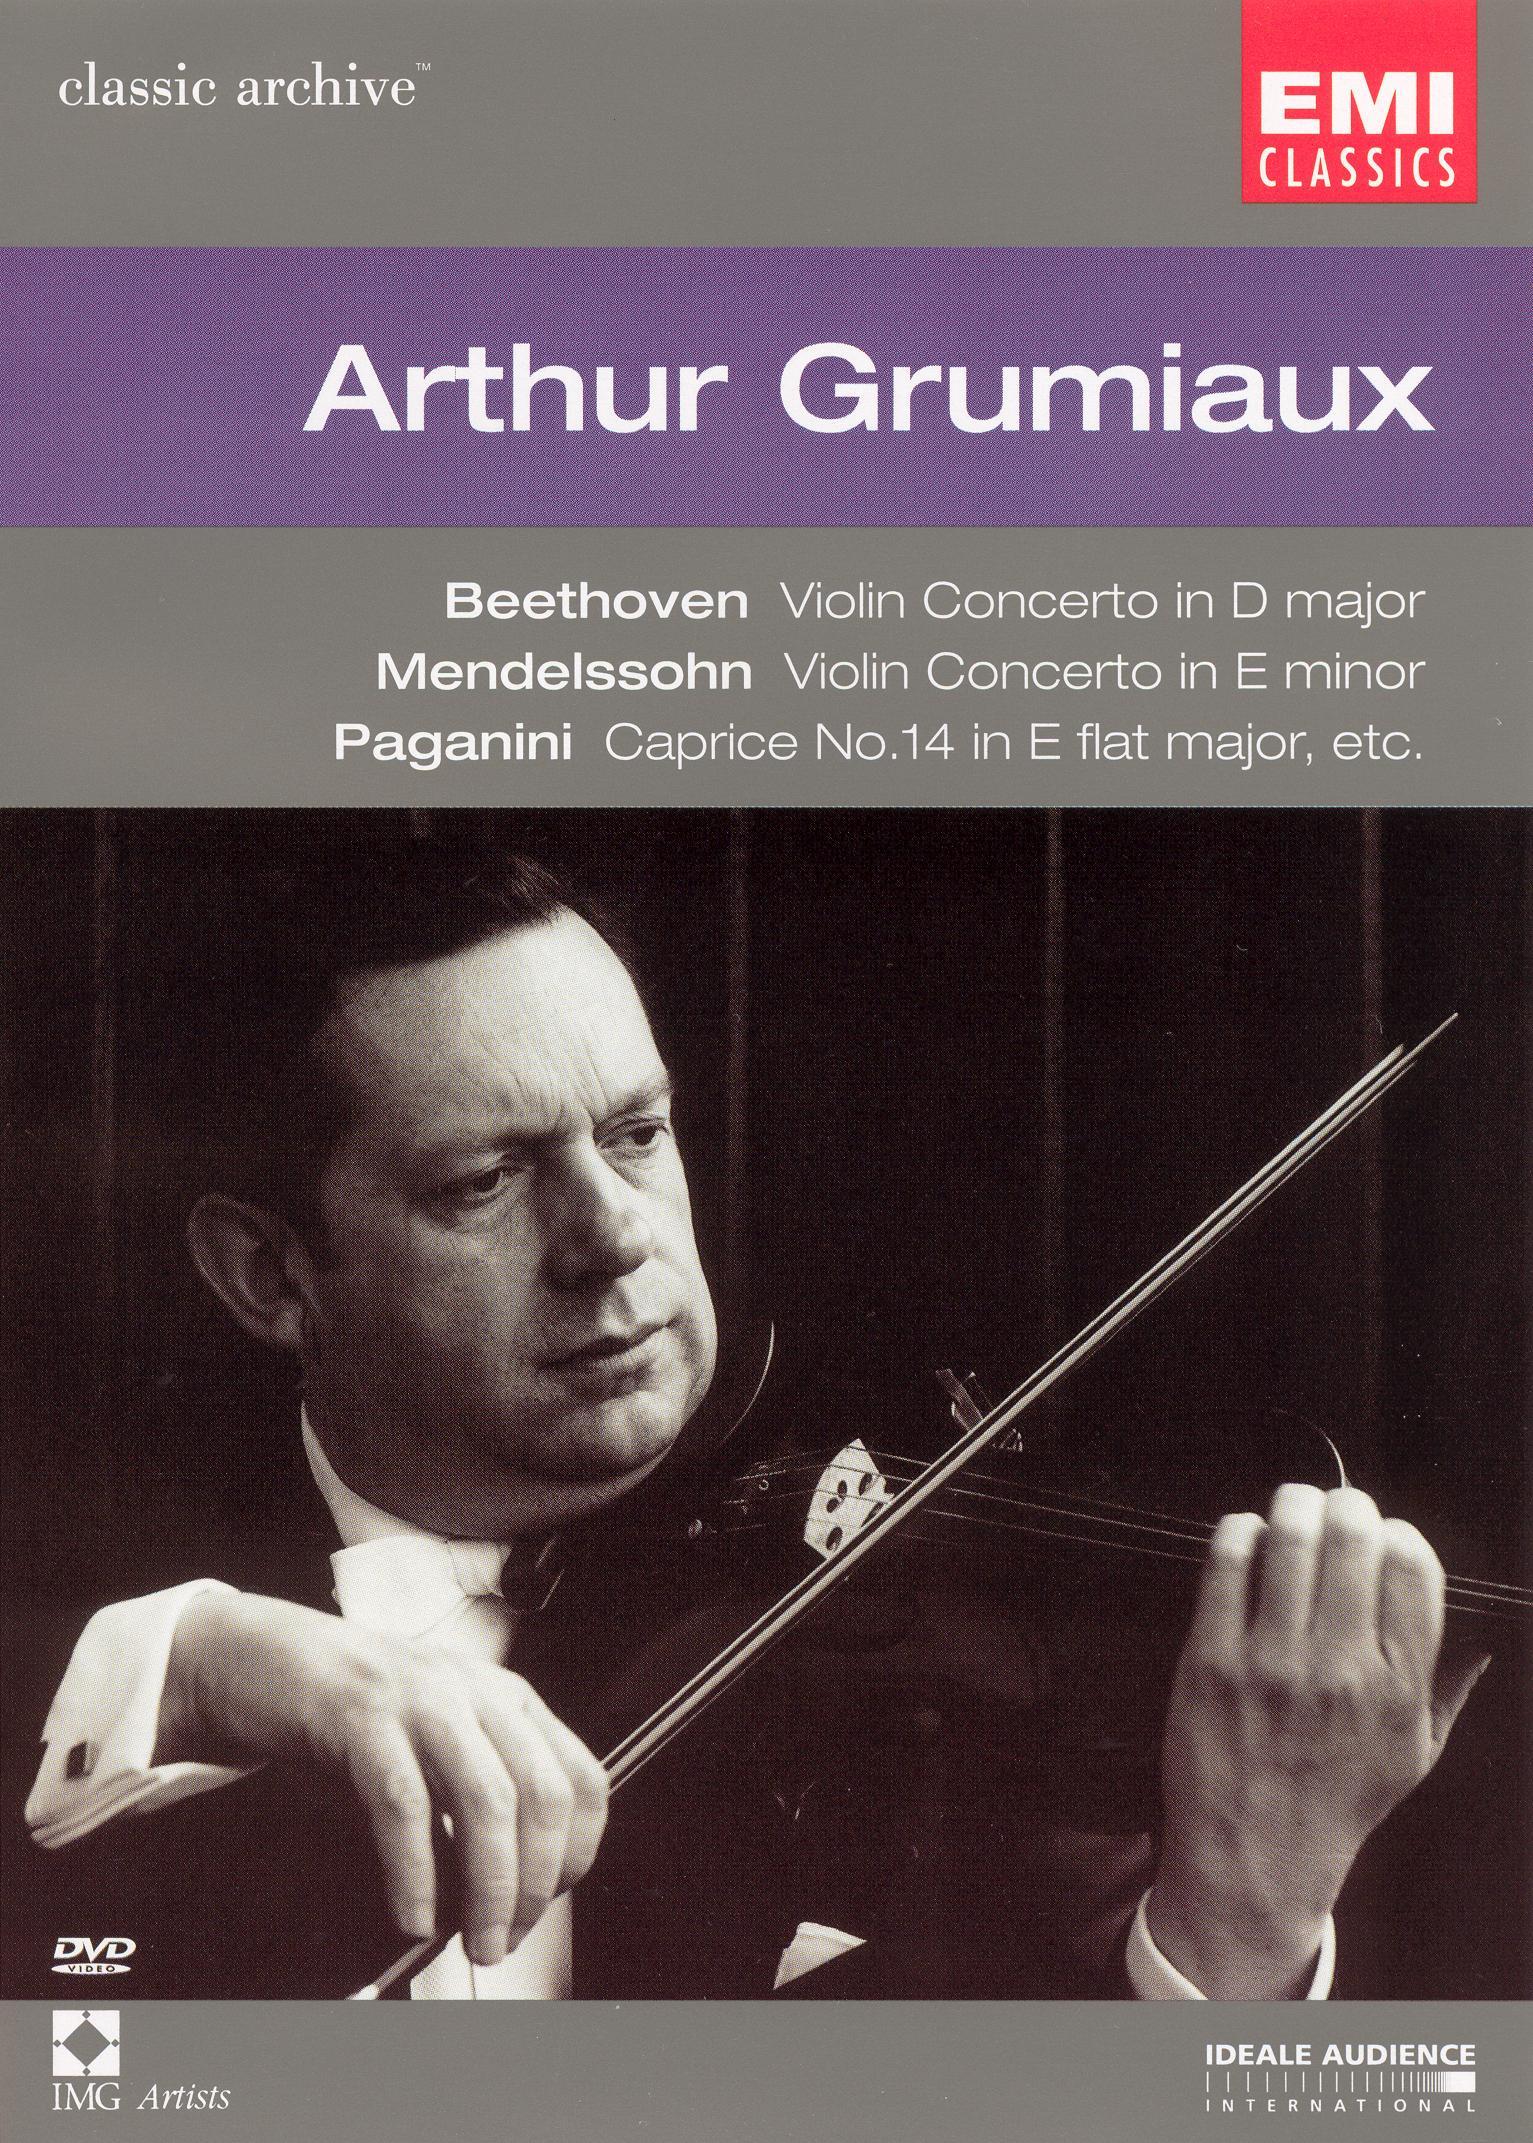 Classic Archive: Arthur Grumiaux